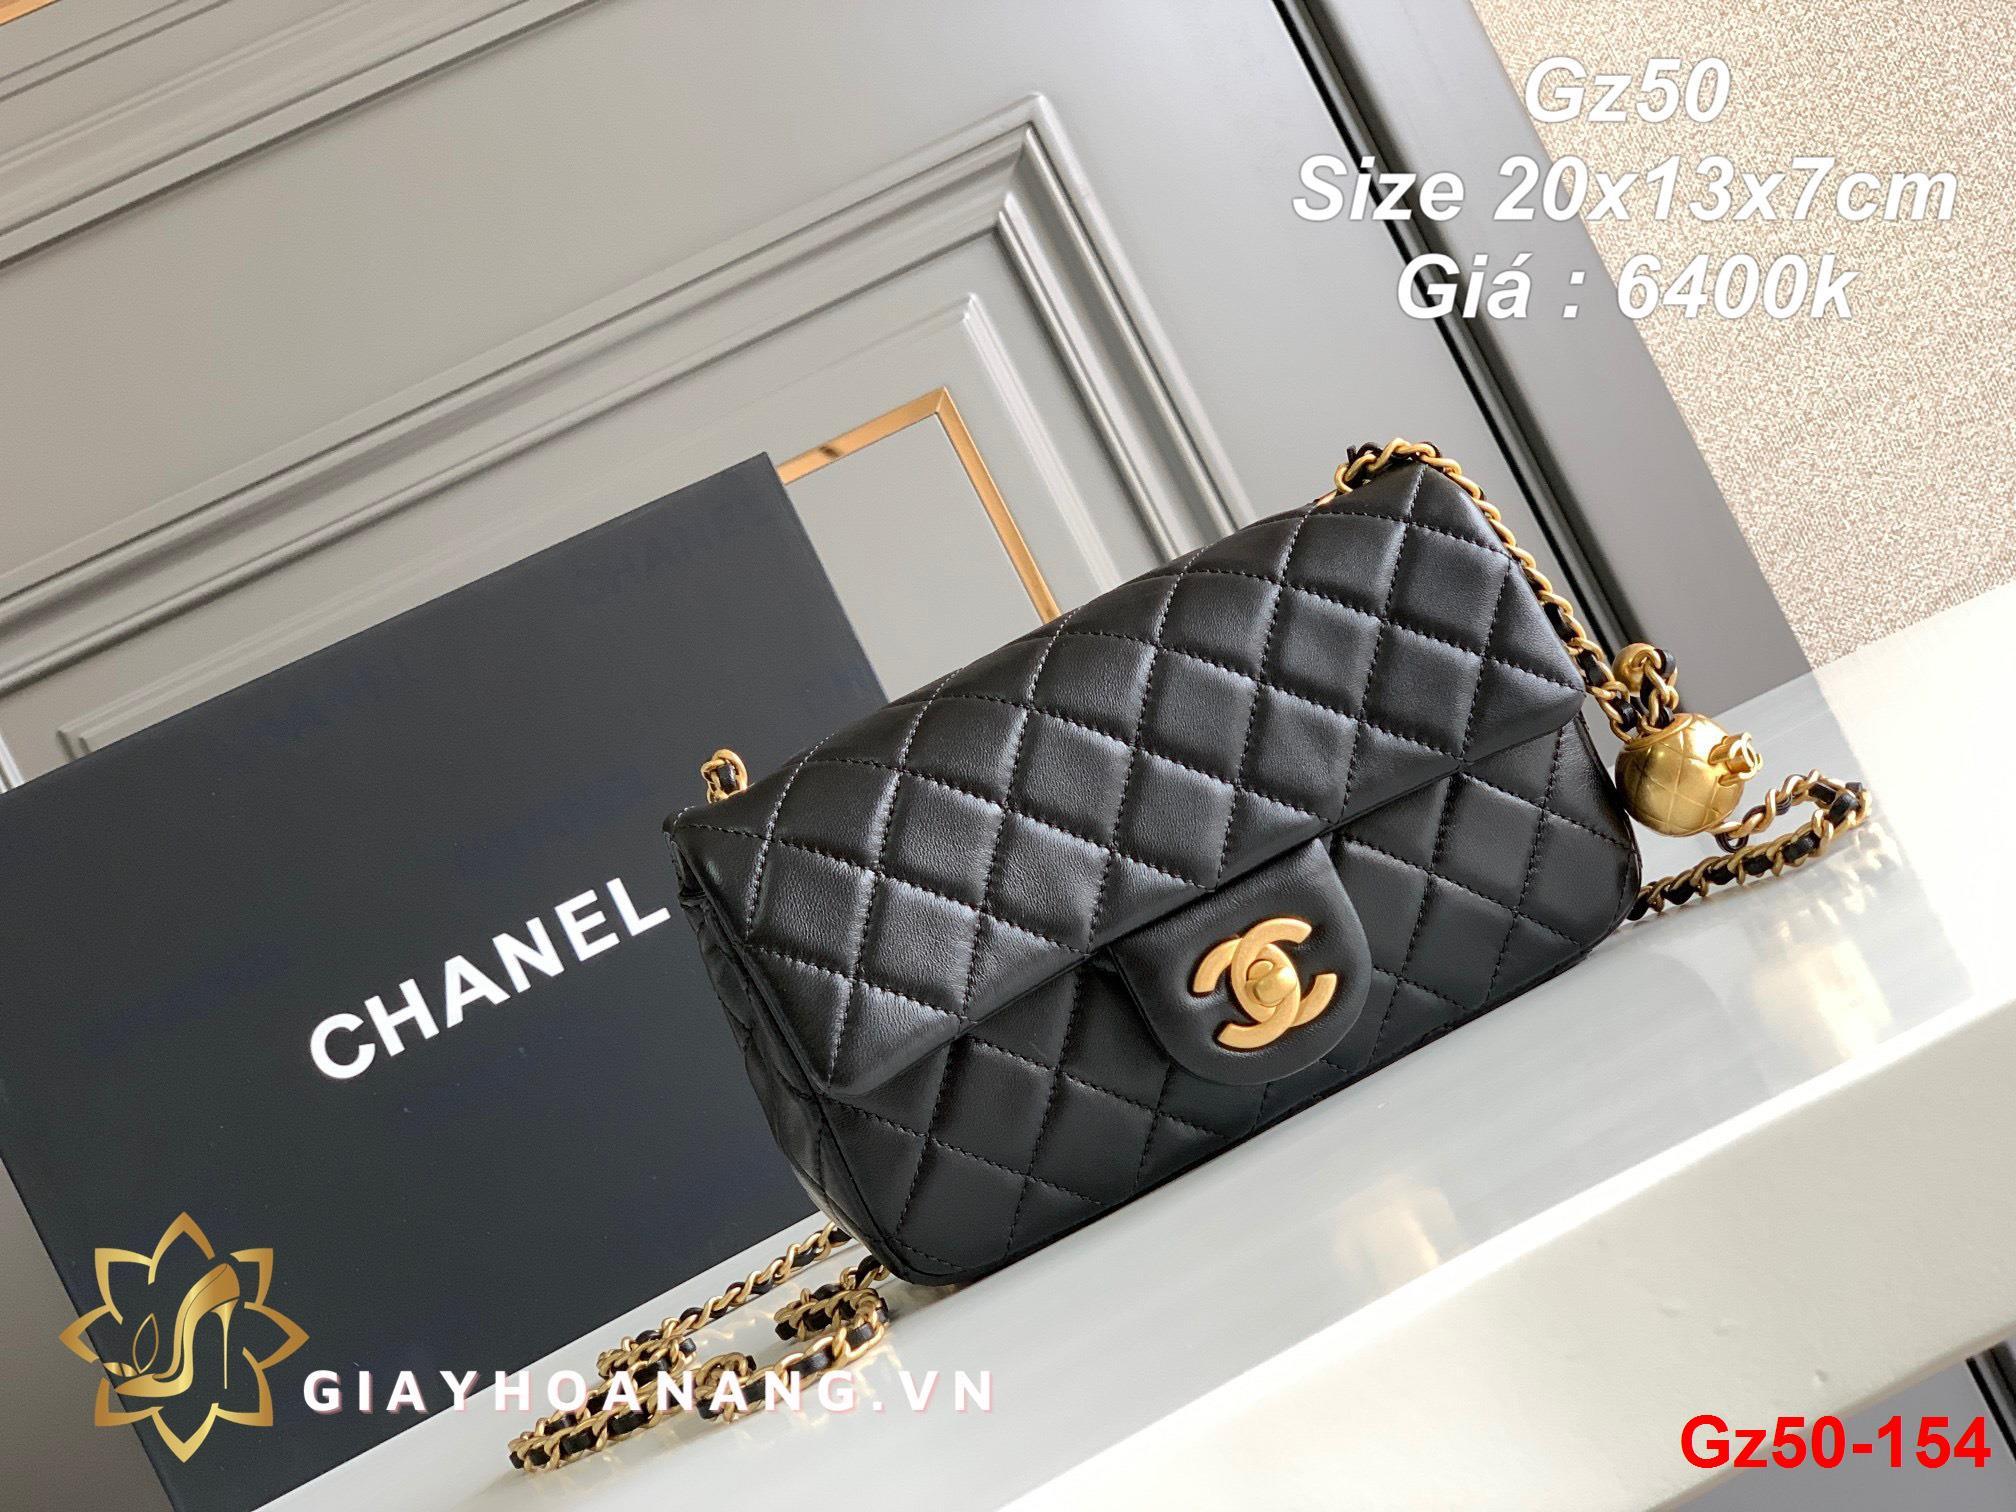 Gz50-154 Gucci túi size 20cm siêu cấp